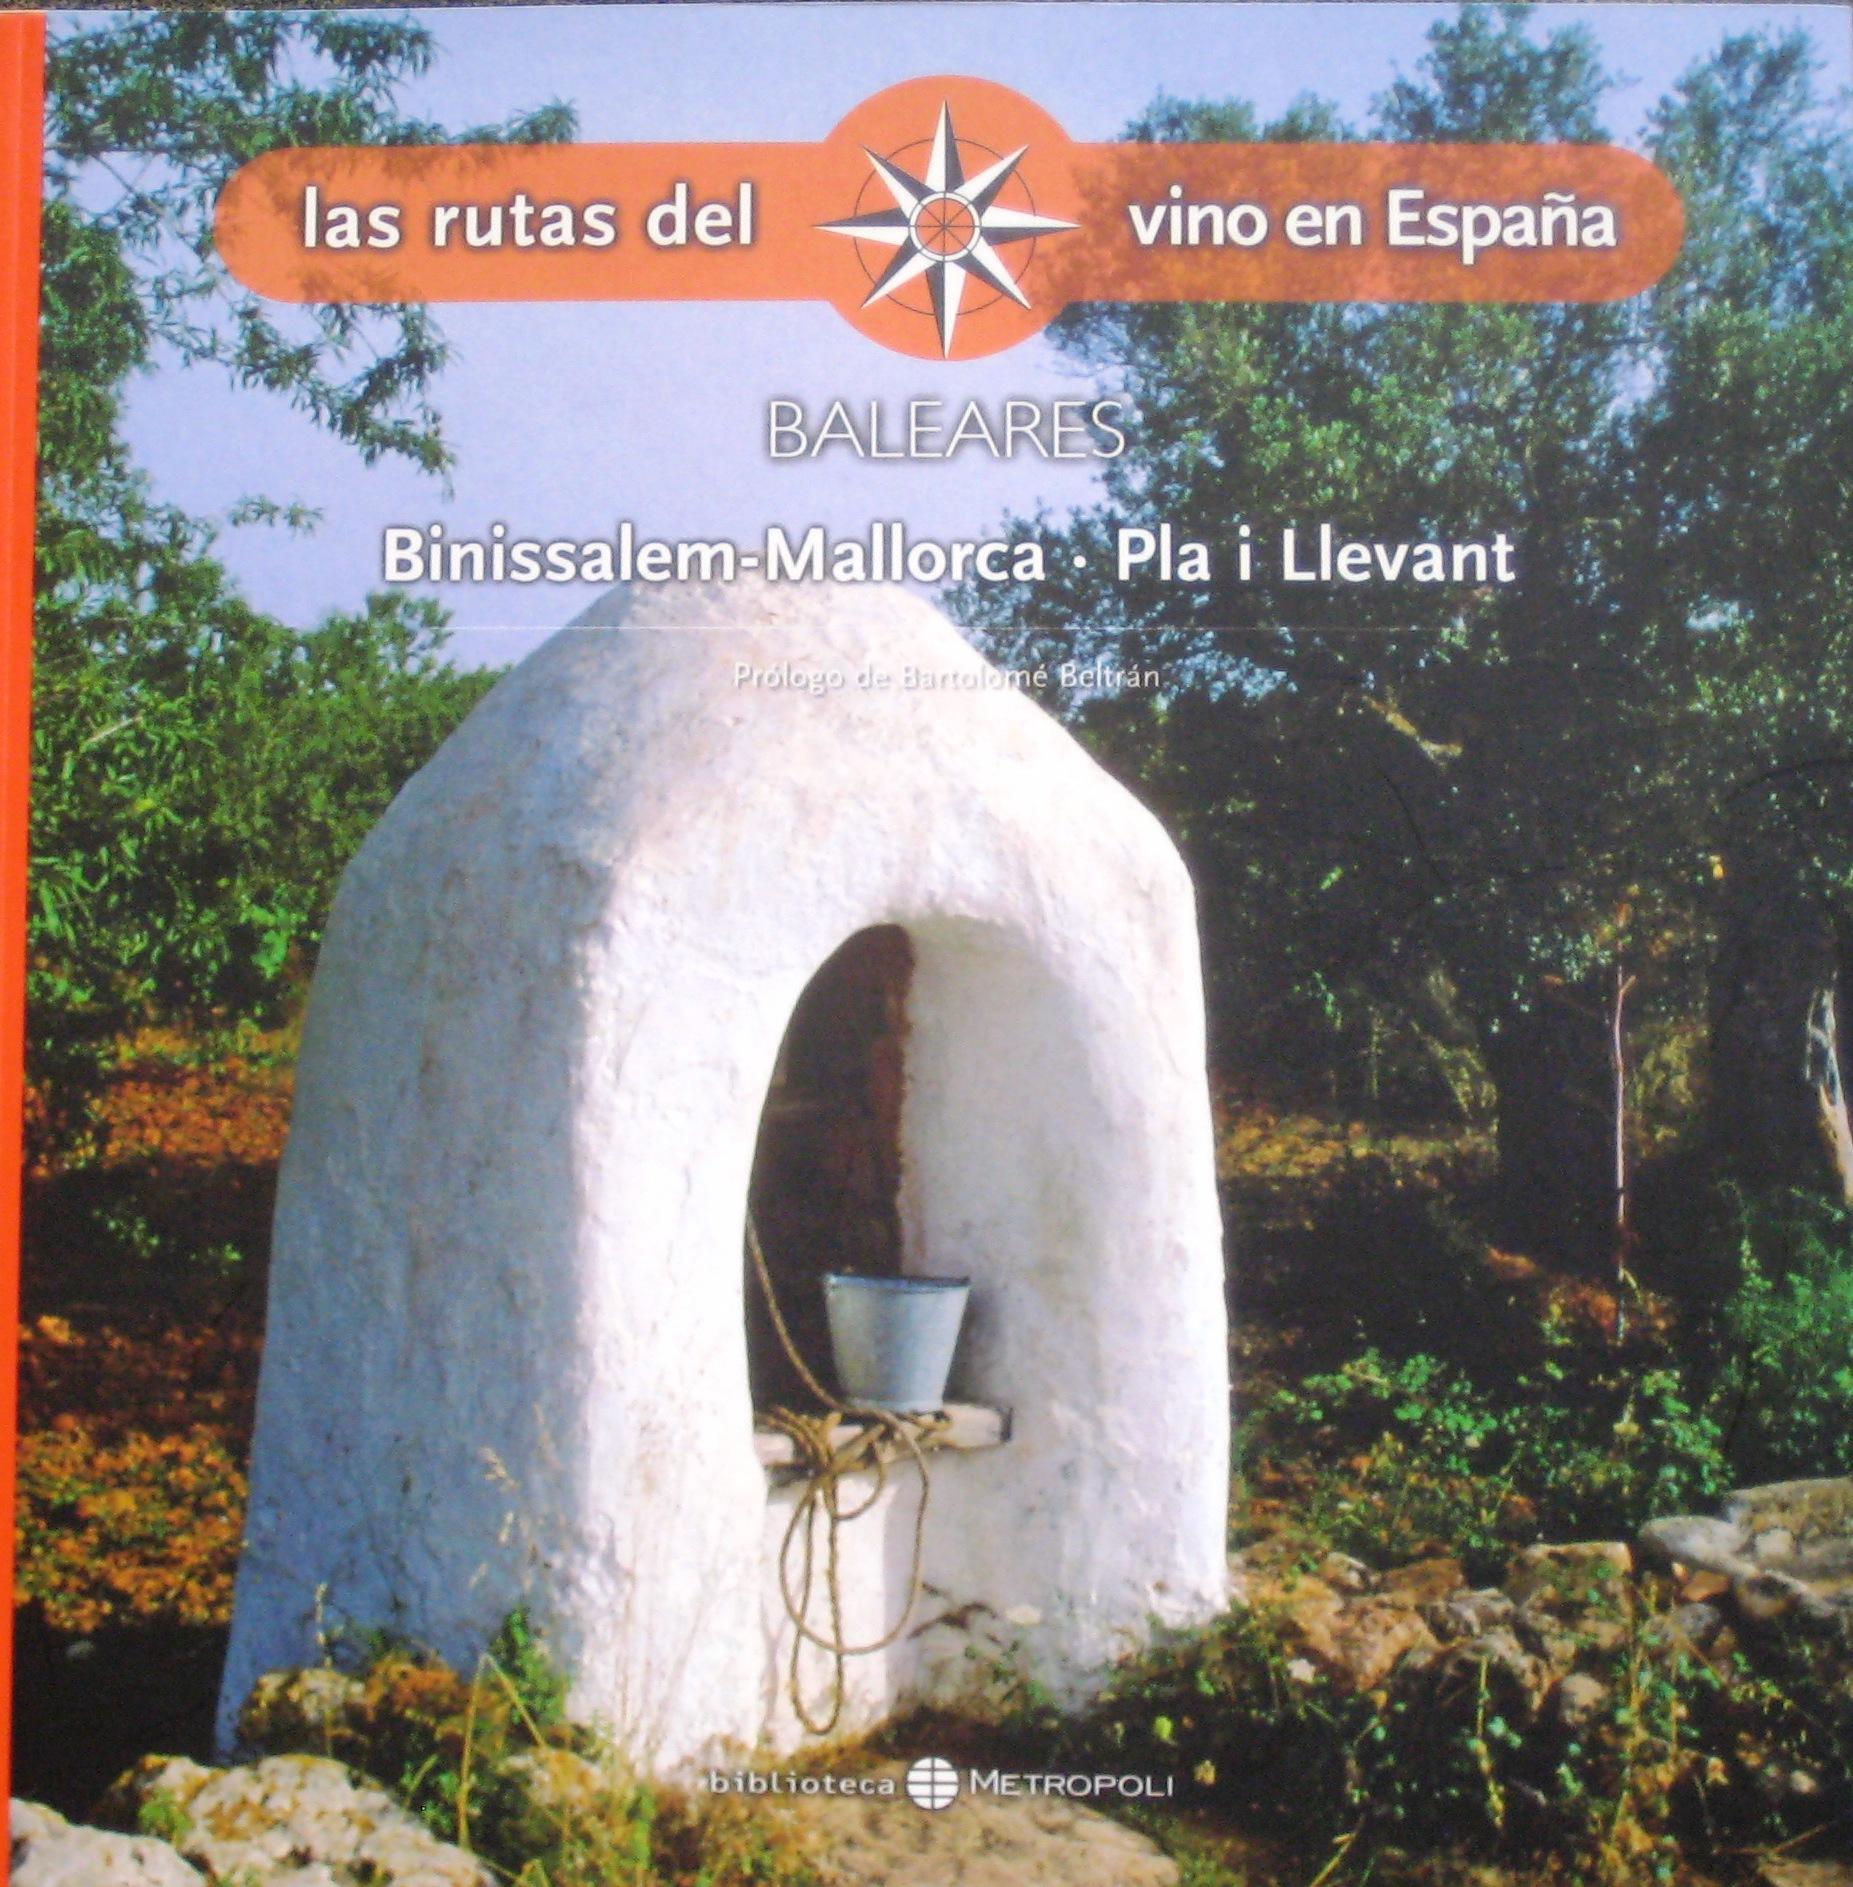 Las rutas del vino en España: Baleares